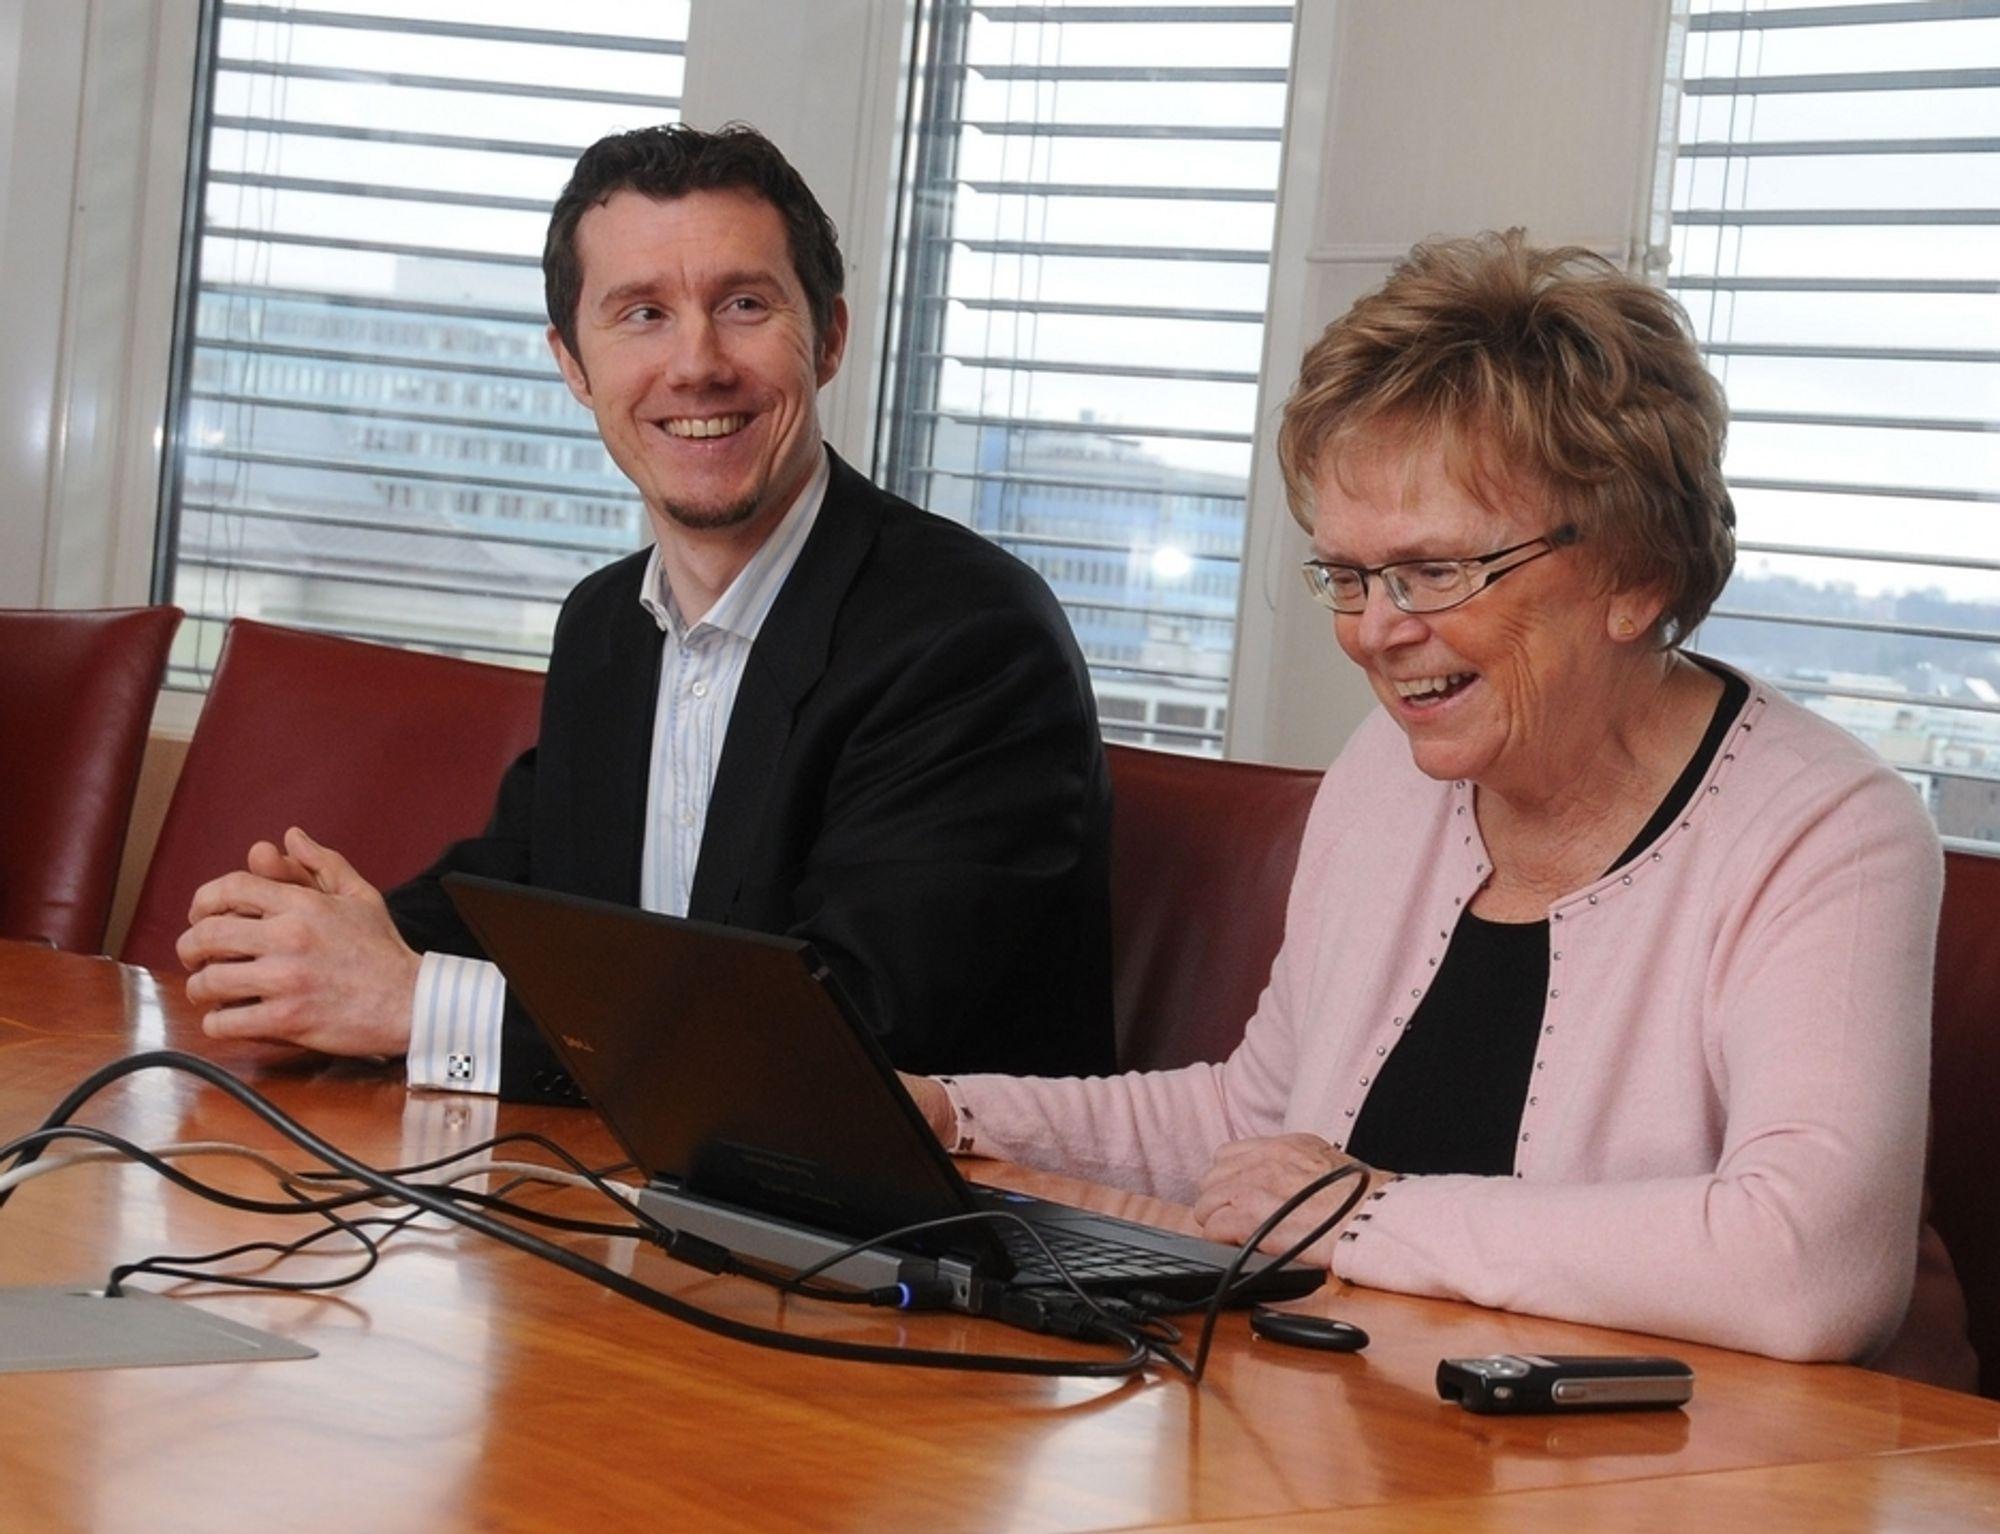 PÅGANG: Direktør for Digipost Thomas Mathisen kan telle opp mer enn 40 000 brukere av den nye tjenesten to døgn etter lanseringen sammen med samferdselsminister Magnhild Meltveit Kleppa.